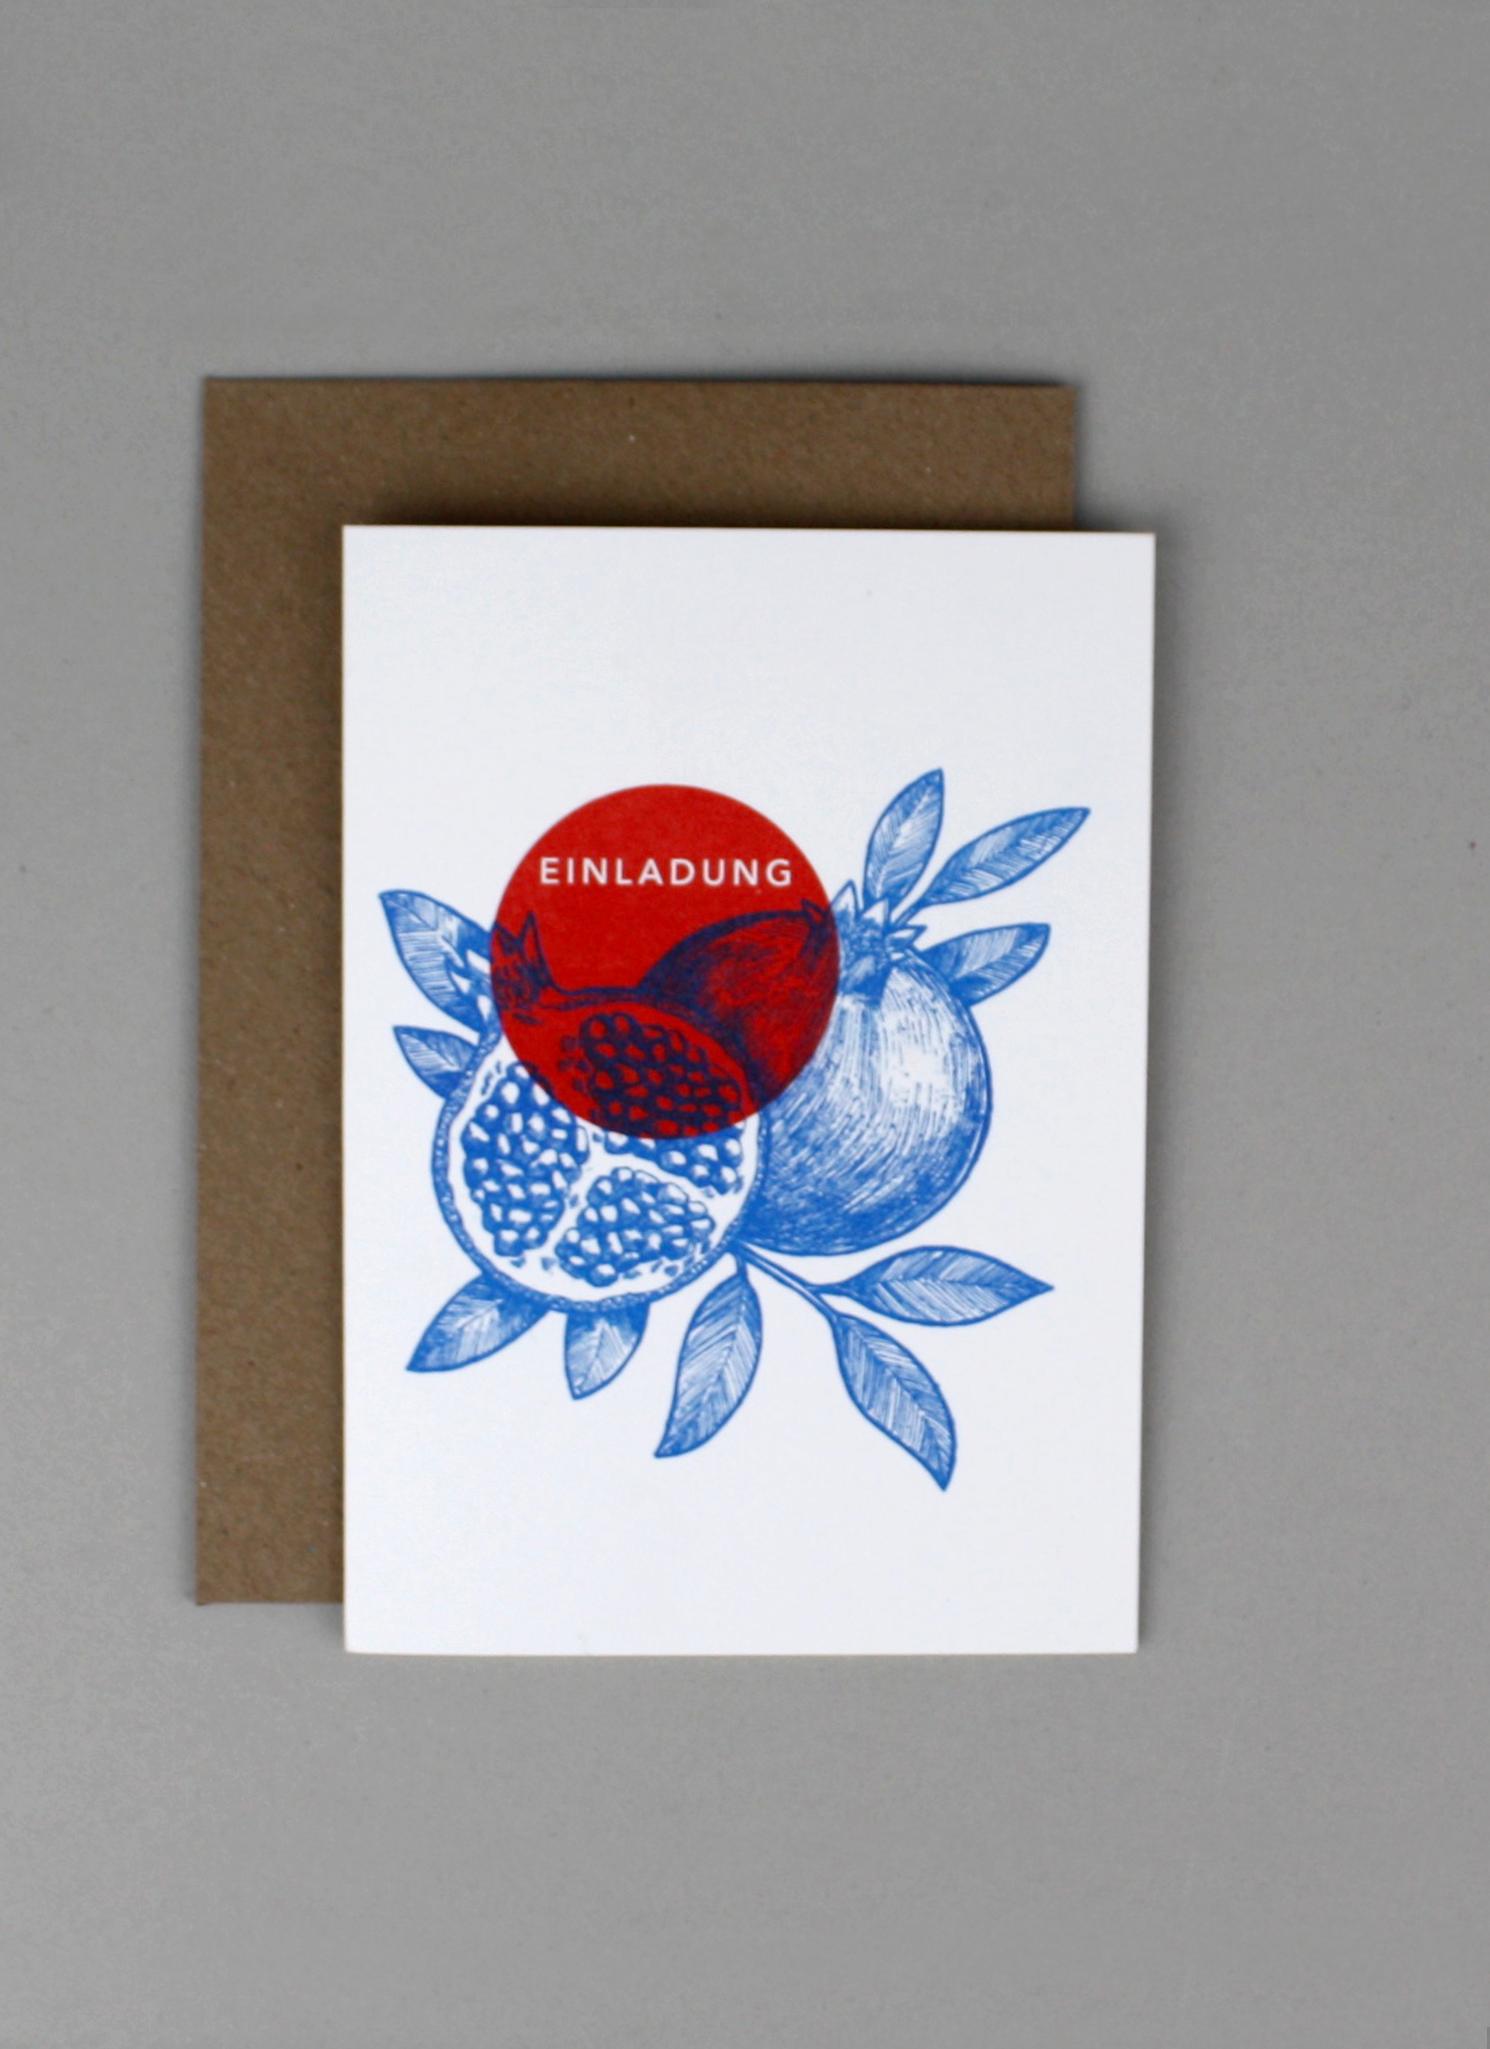 Einladung Granatapfel